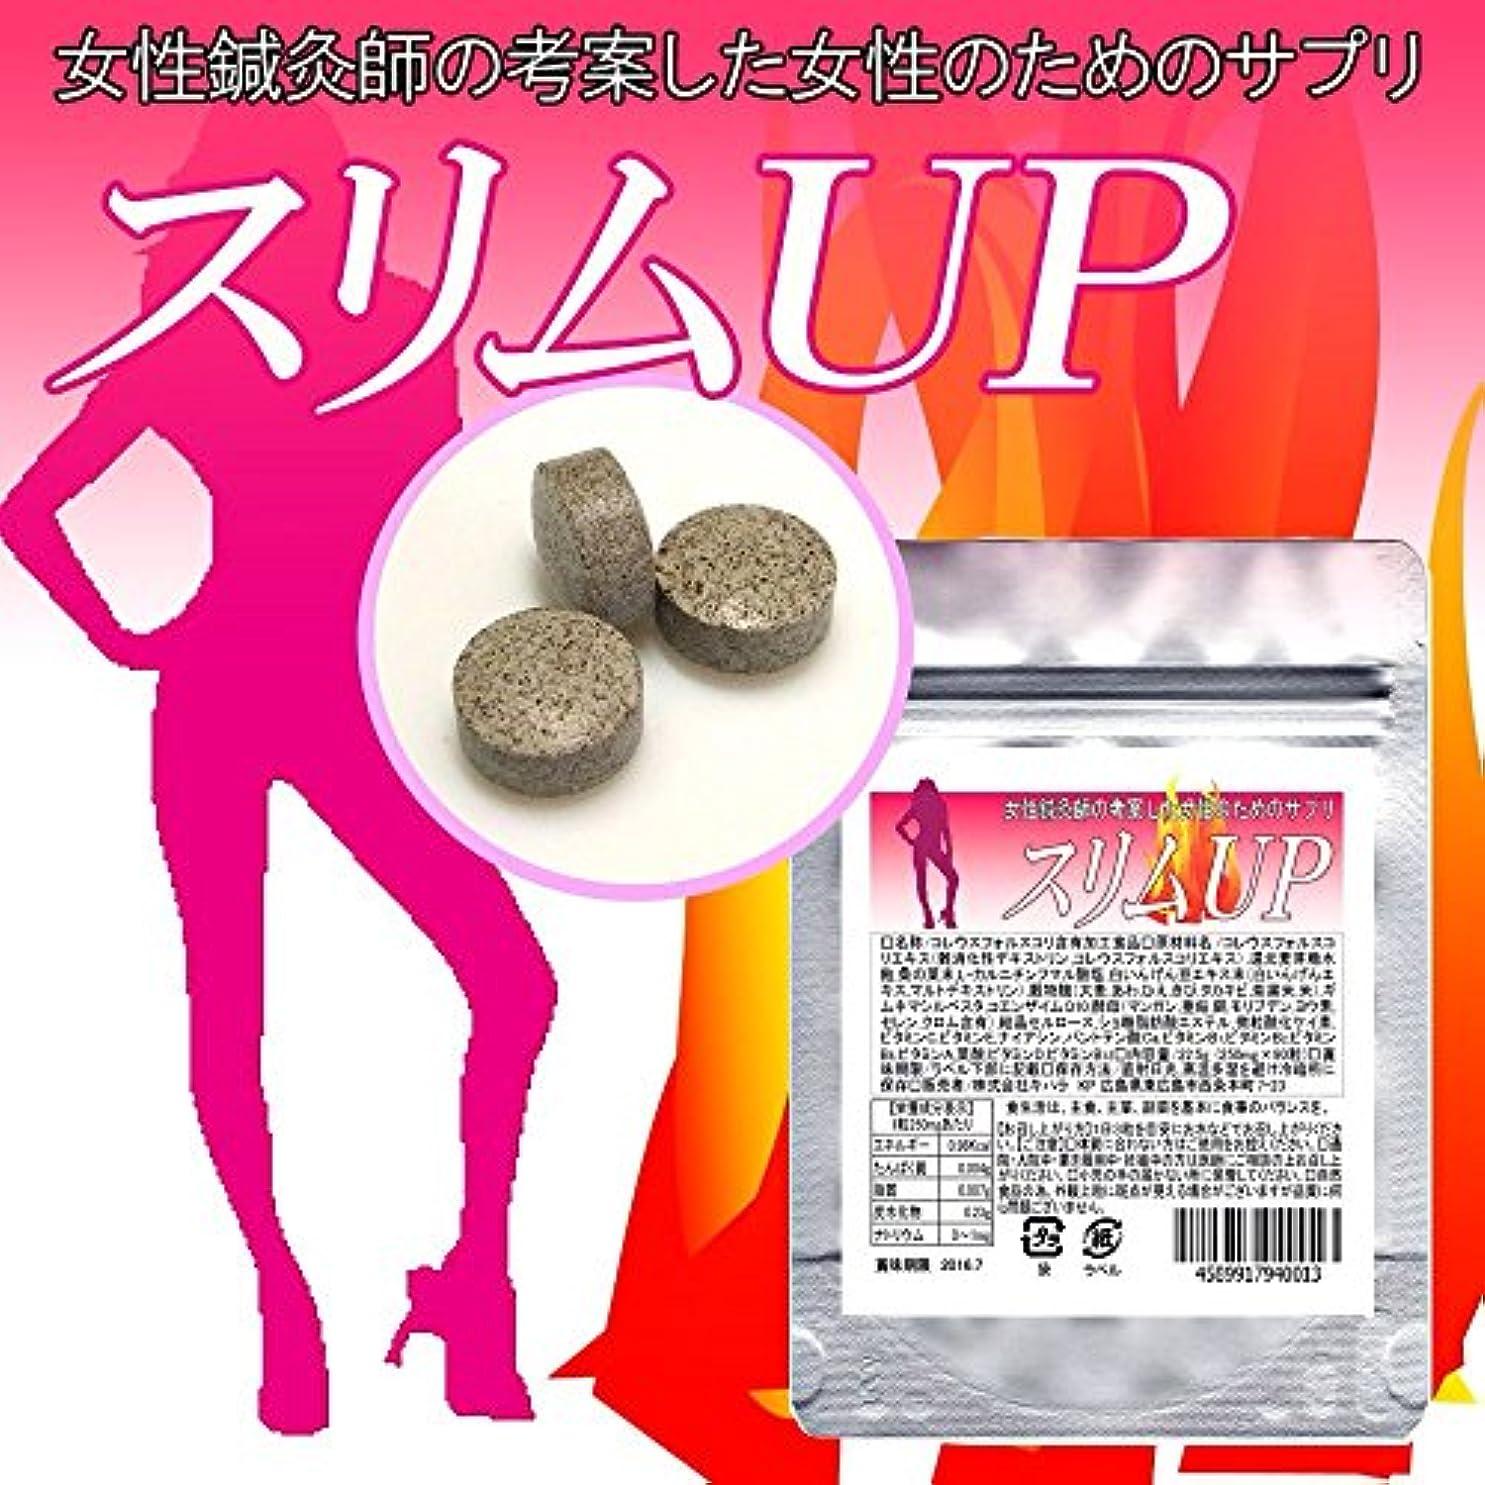 きつく火山学中間ダイエットサプリメント フォルスコリ?桑の葉?L-カルニチン含有 スリムUP